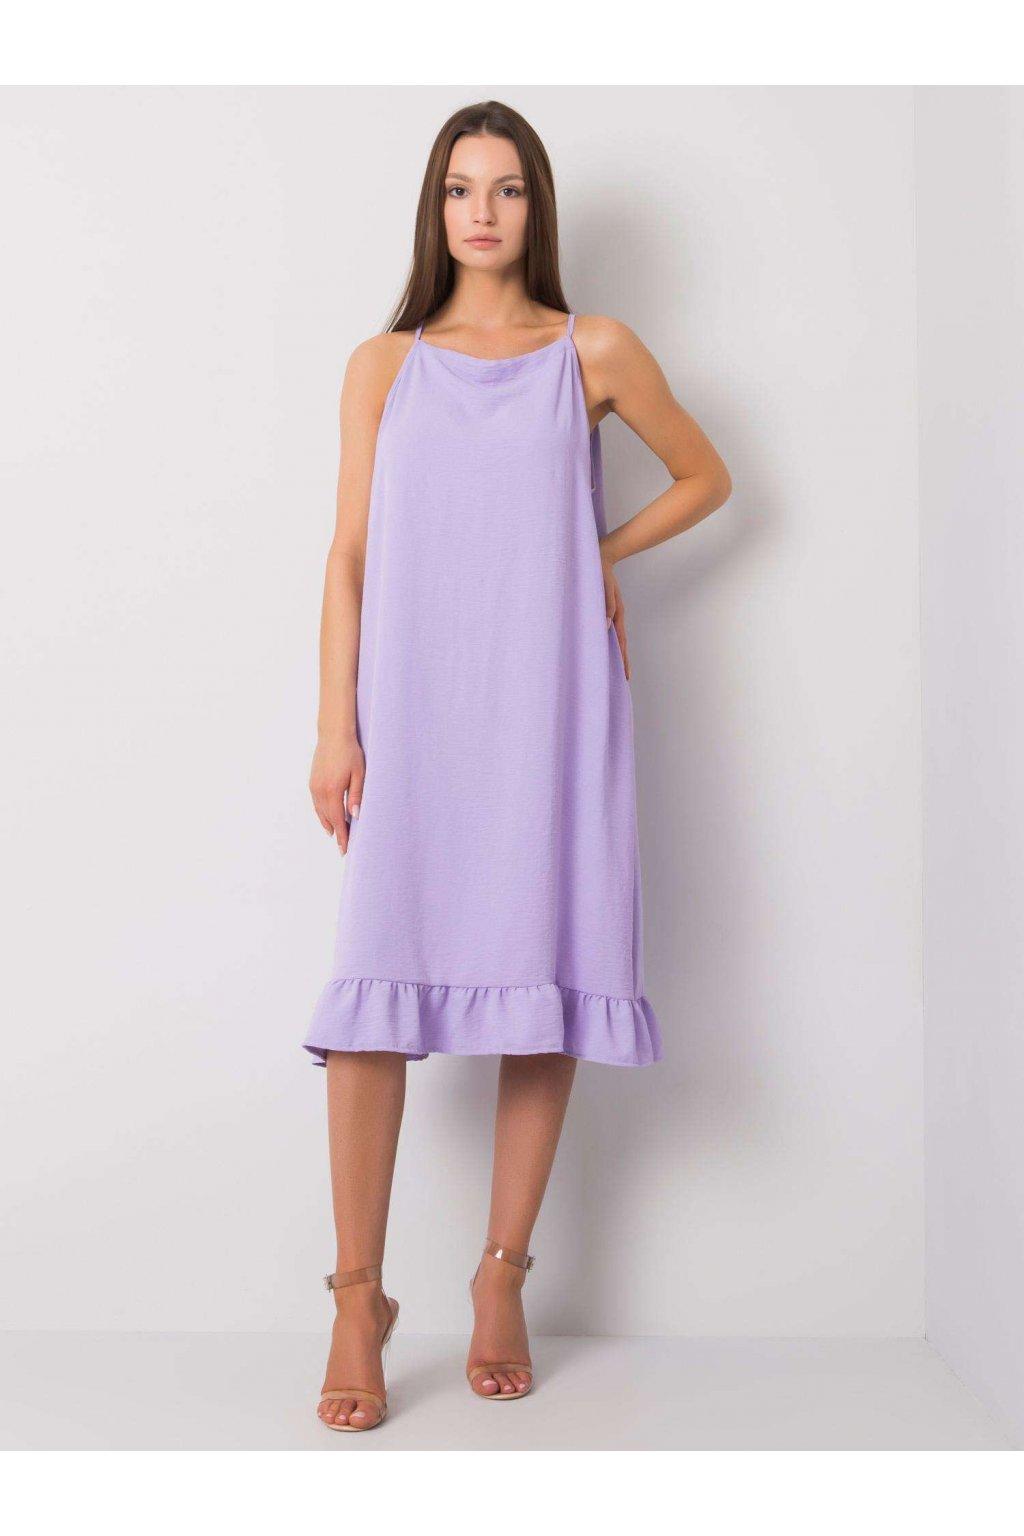 pol pl Jasnofioletowa sukienka na ramiaczkach Simone 367639 1